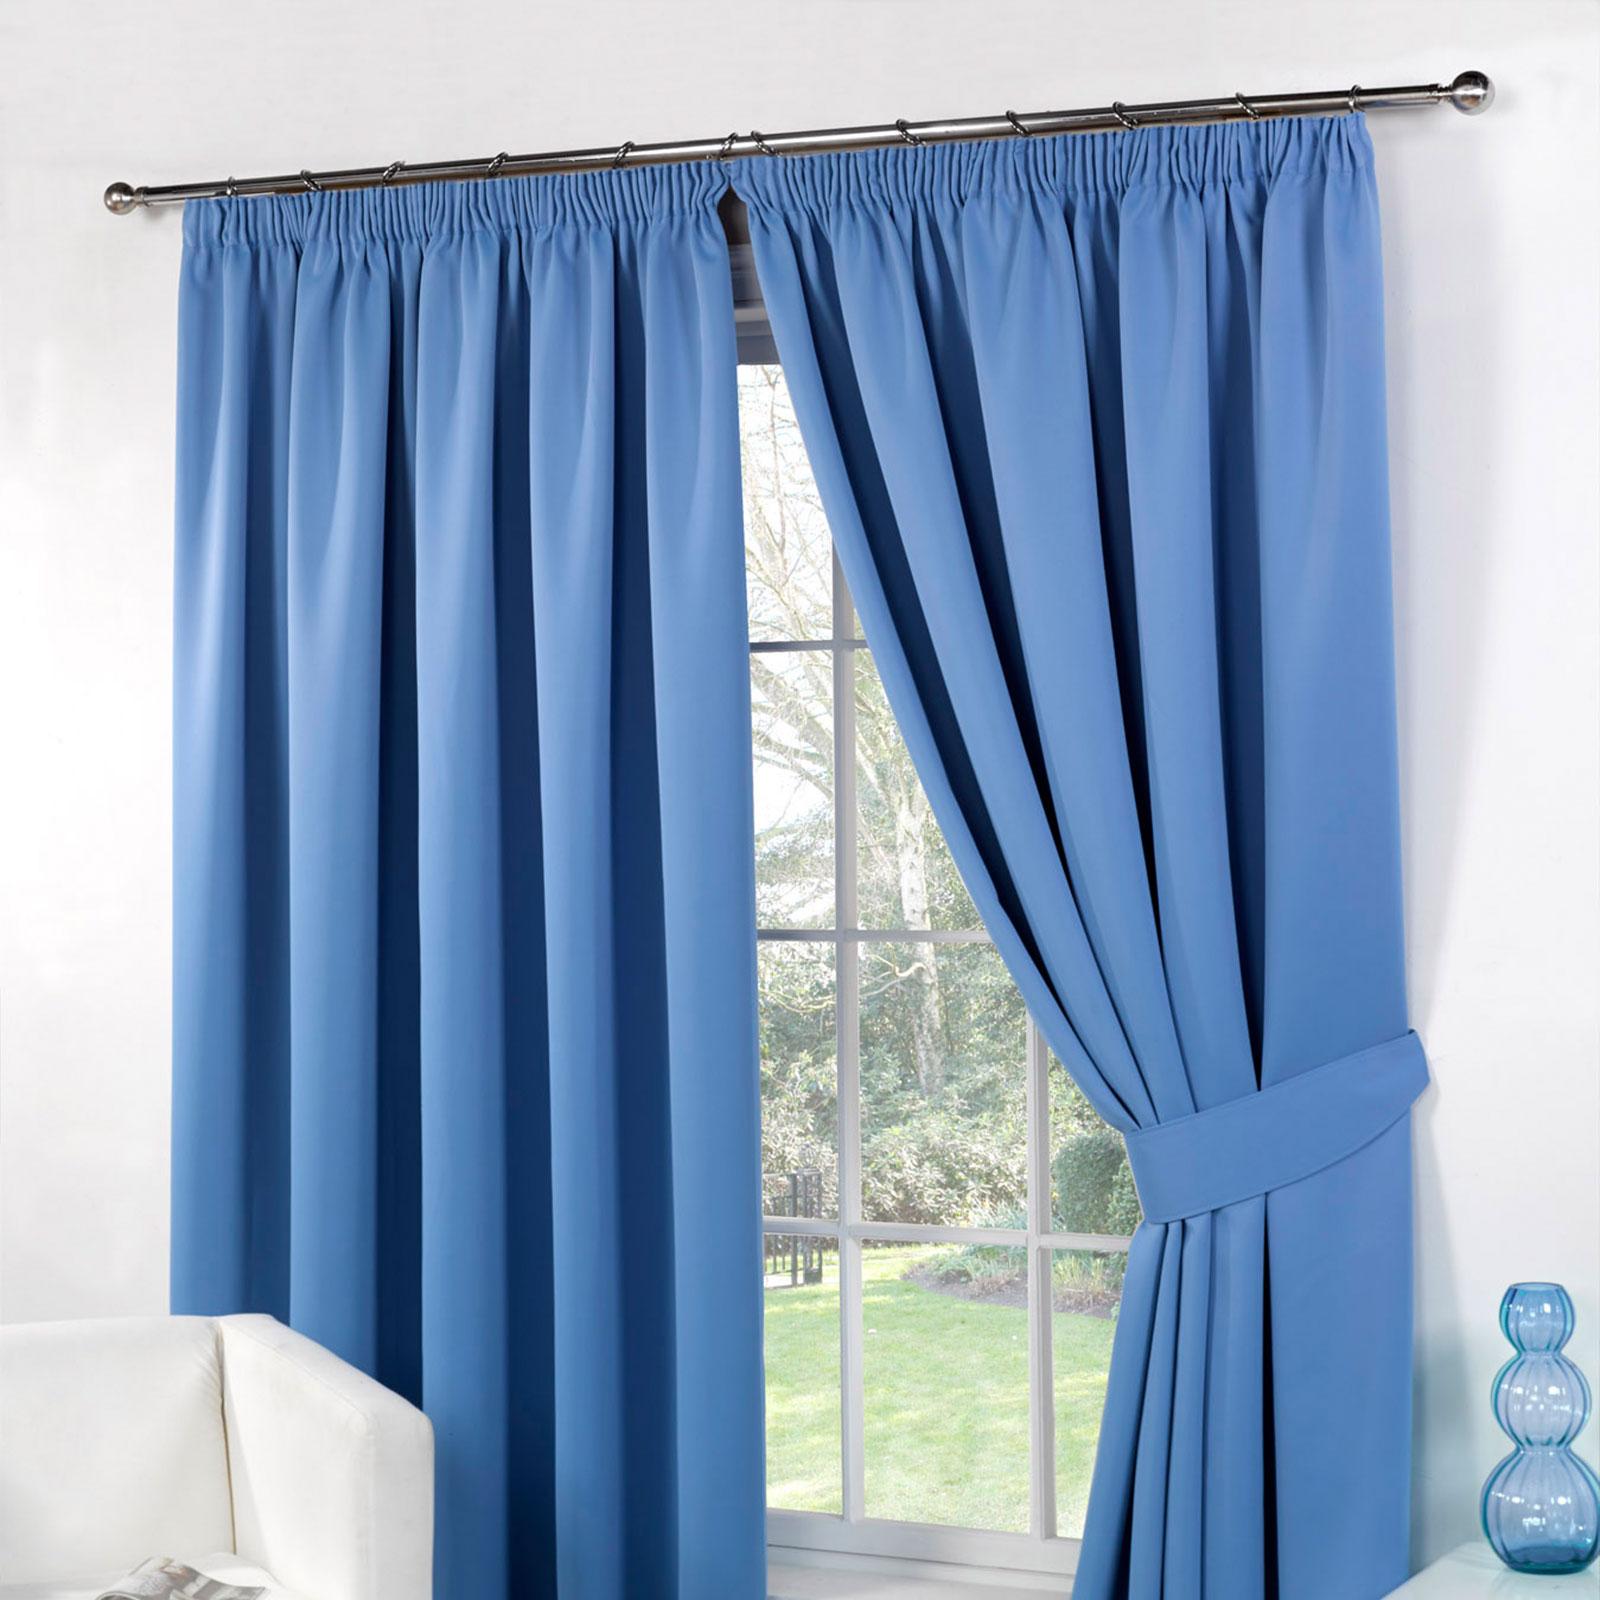 Blackout curtain pair